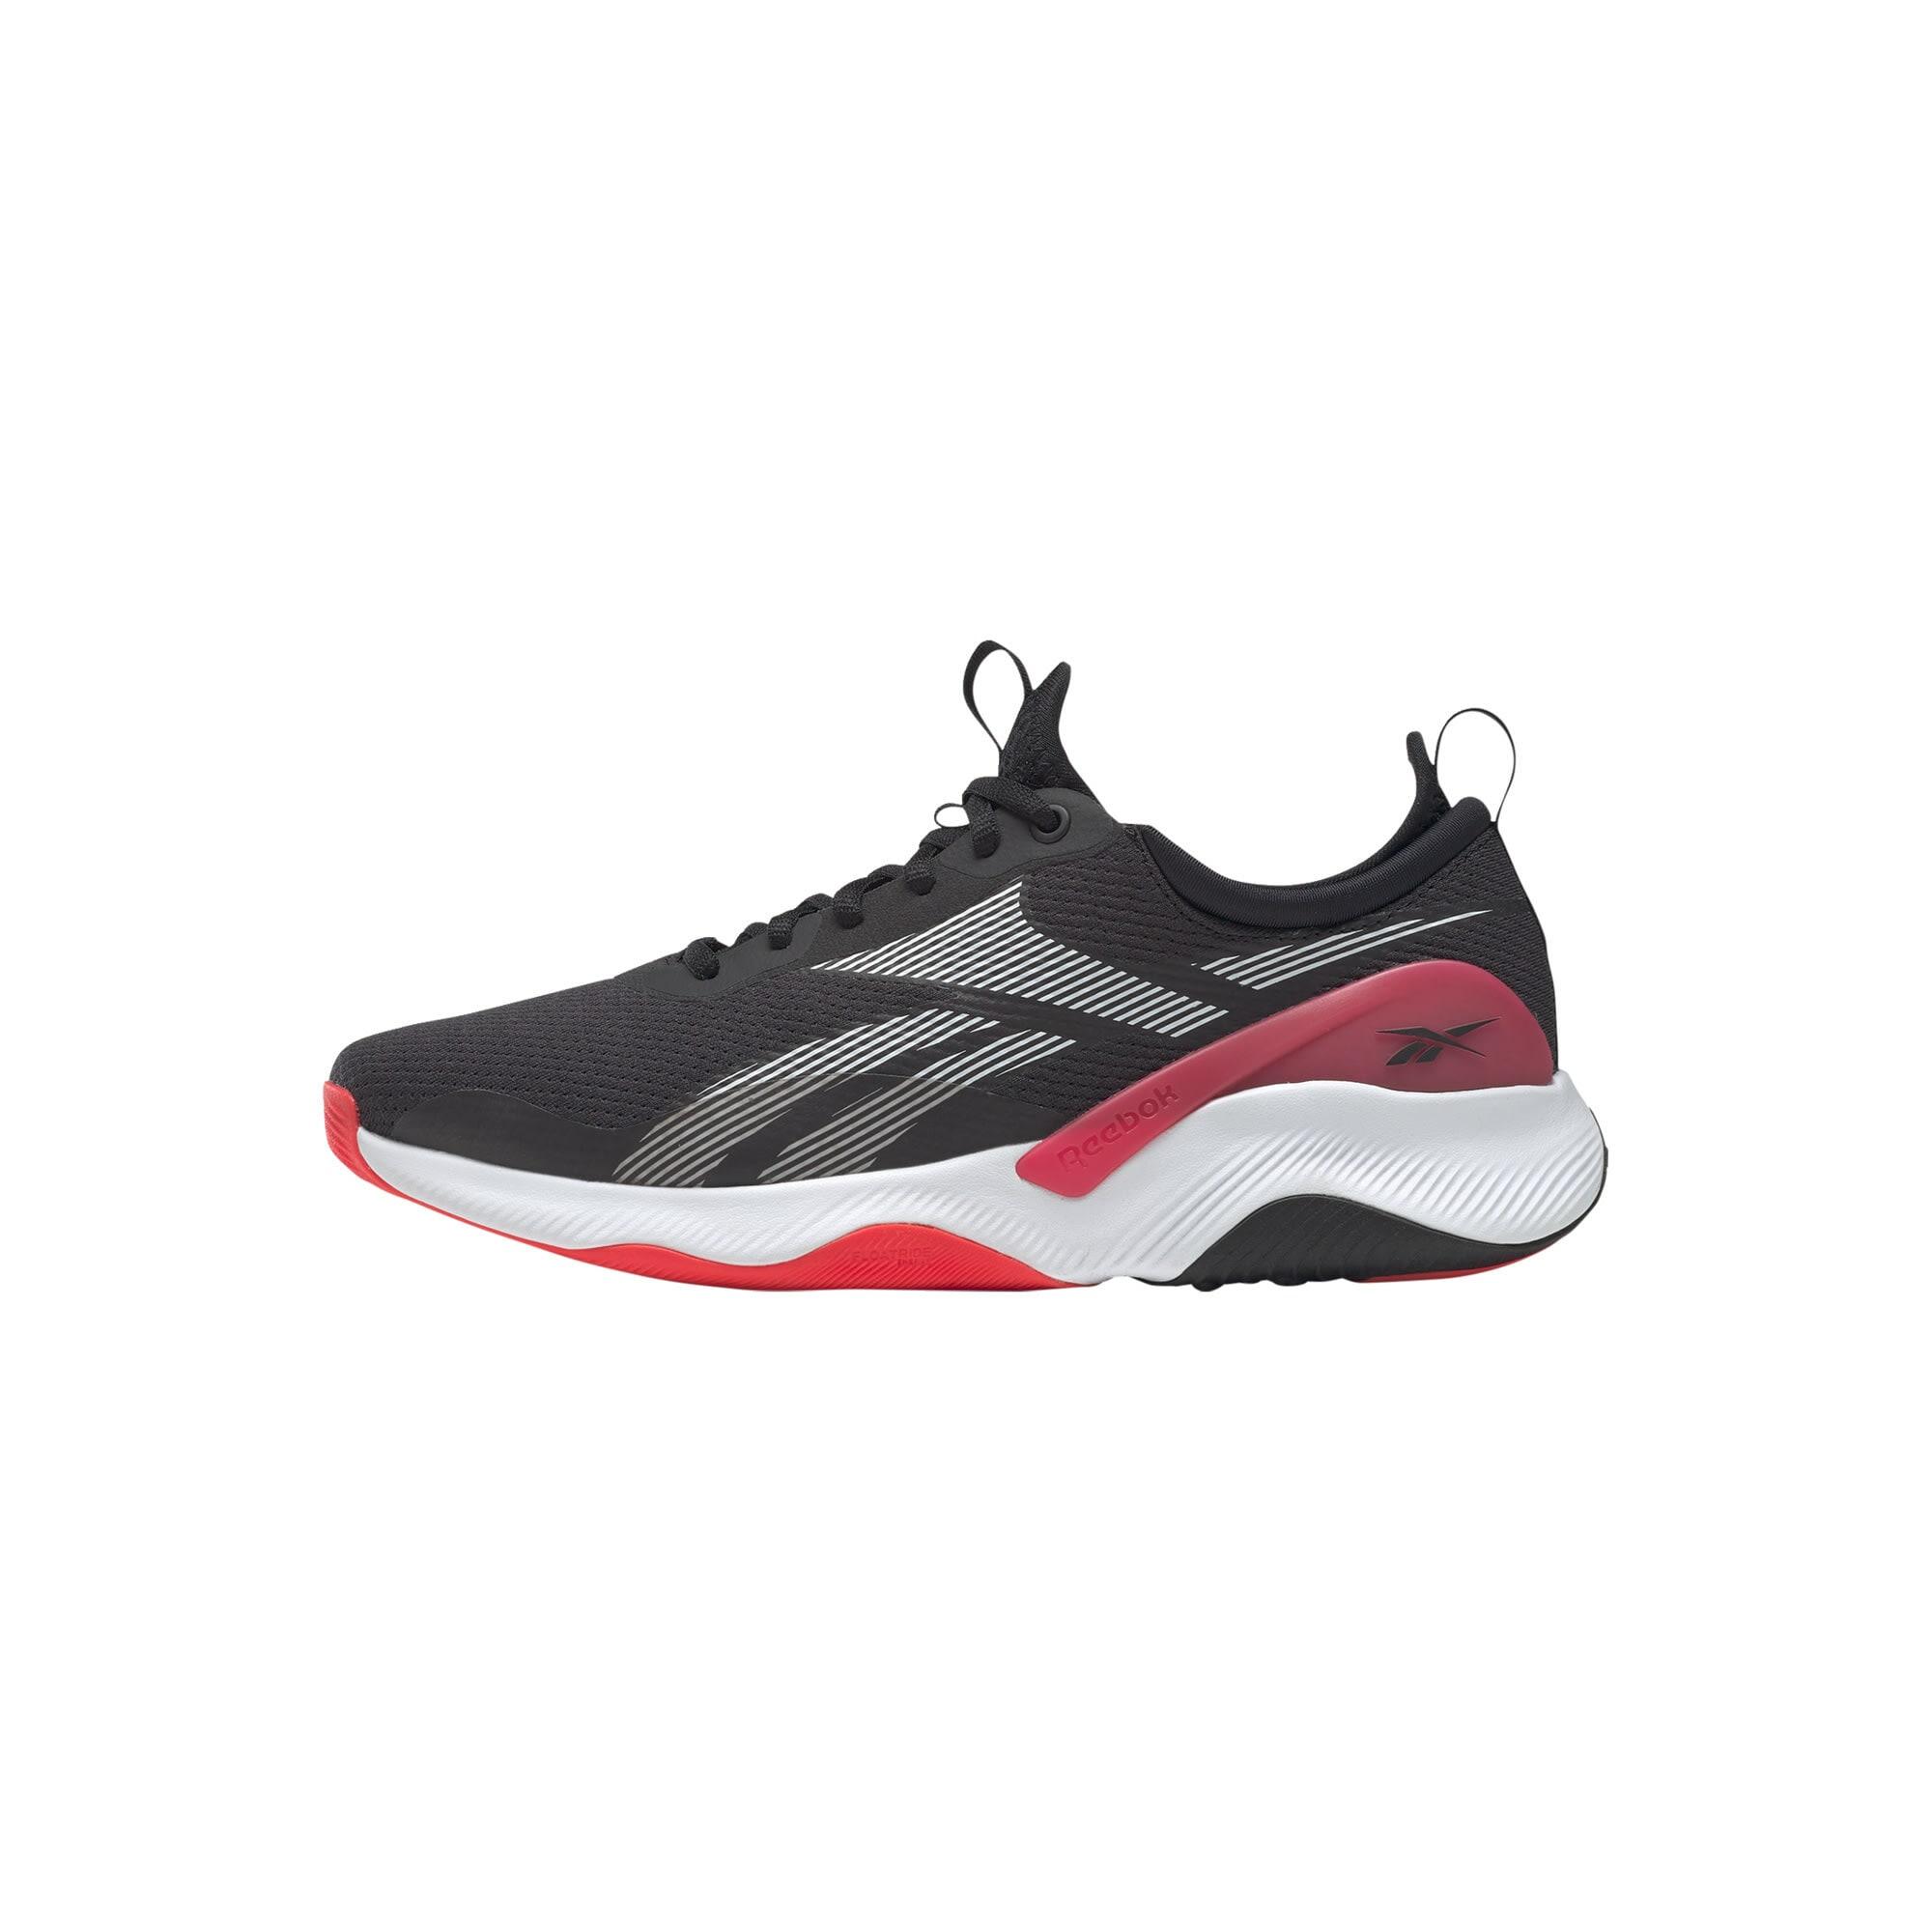 Reebok Sport Bėgimo batai juoda / pilka / raudona